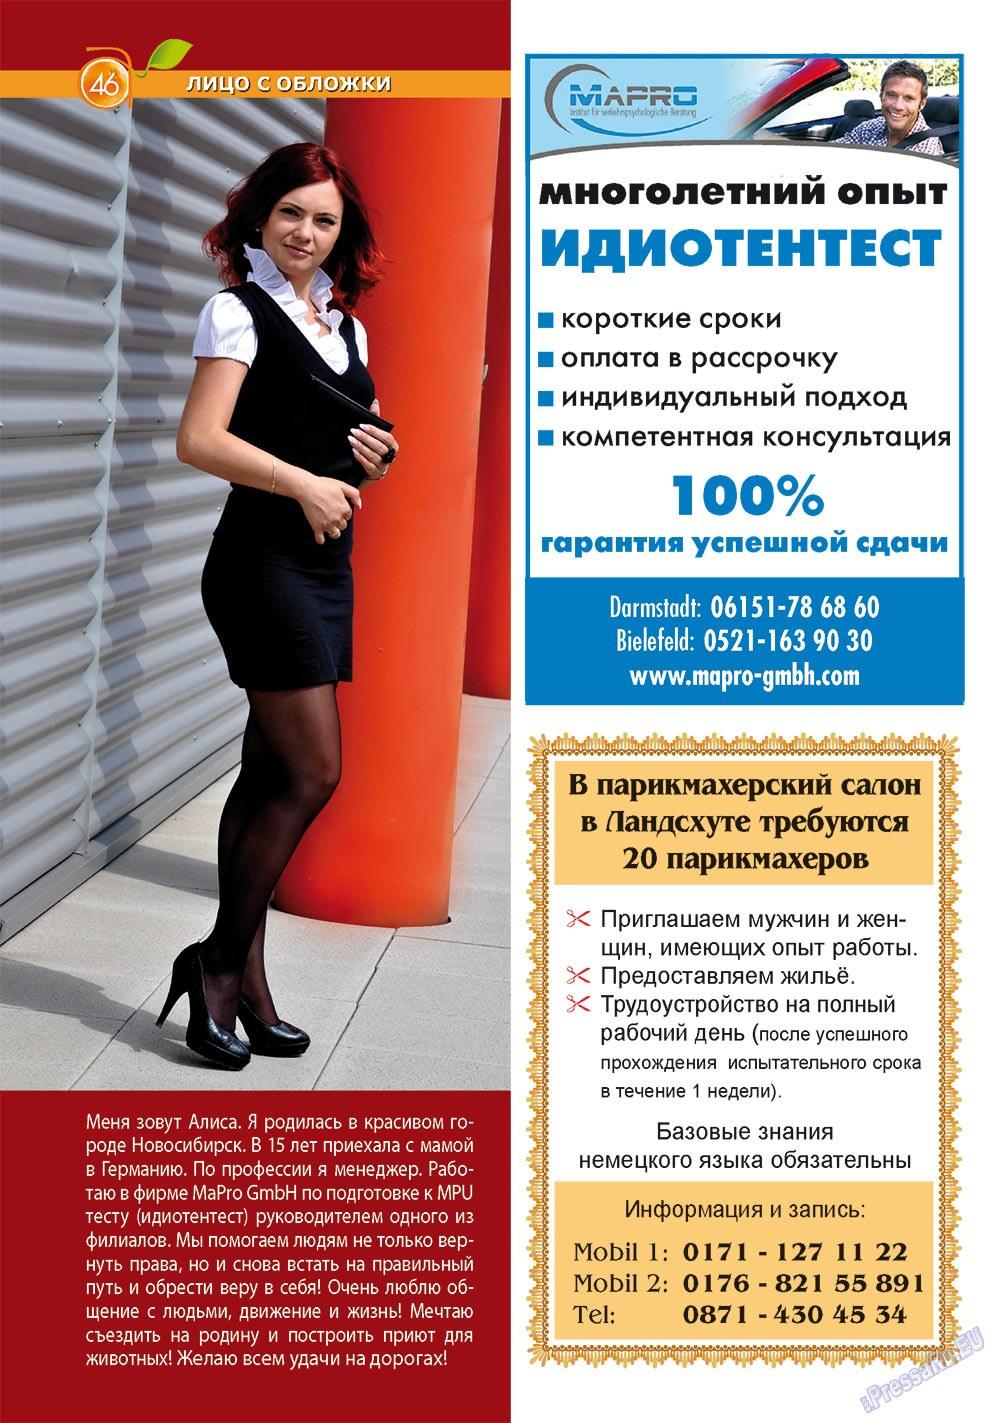 Апельсин (журнал). 2011 год, номер 27, стр. 46